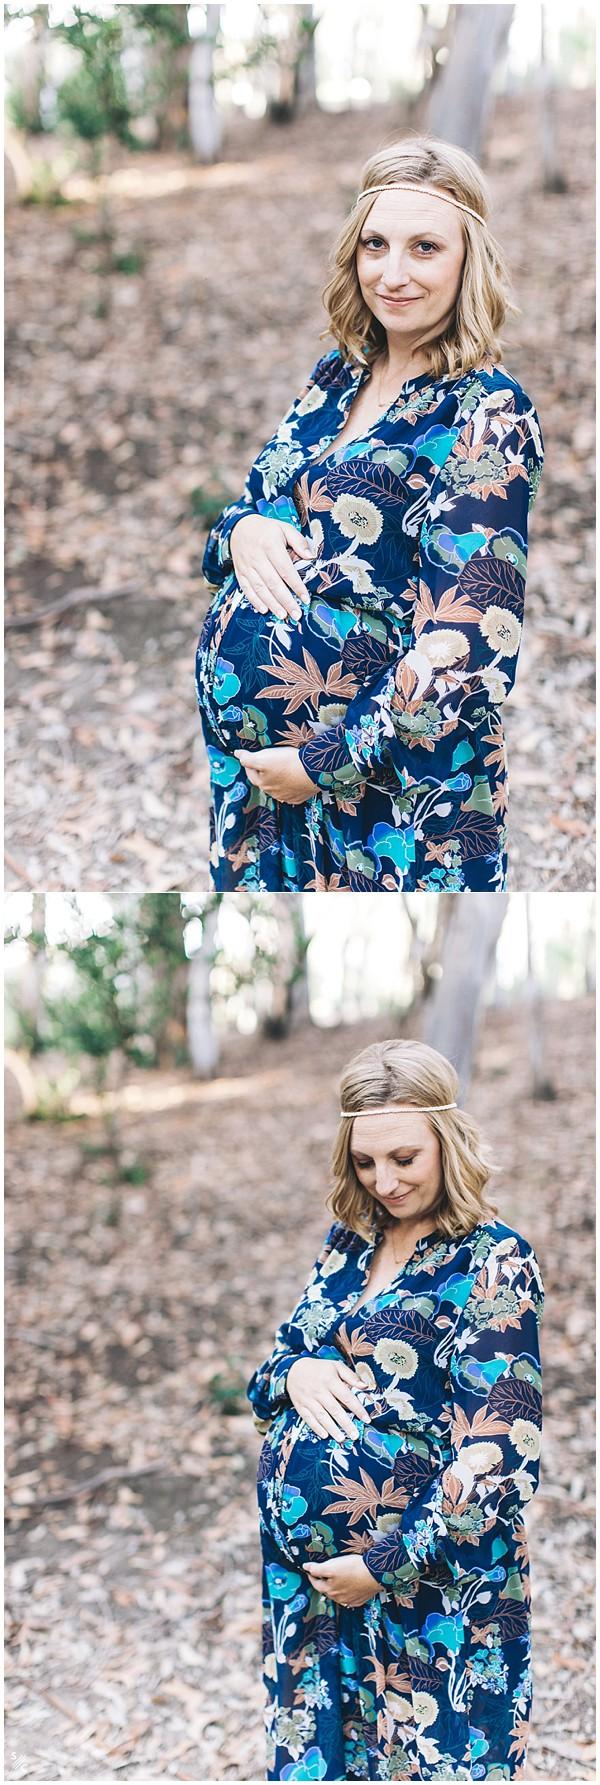 Amber Cowell Maternity_stevecowellphoto_0427.jpg